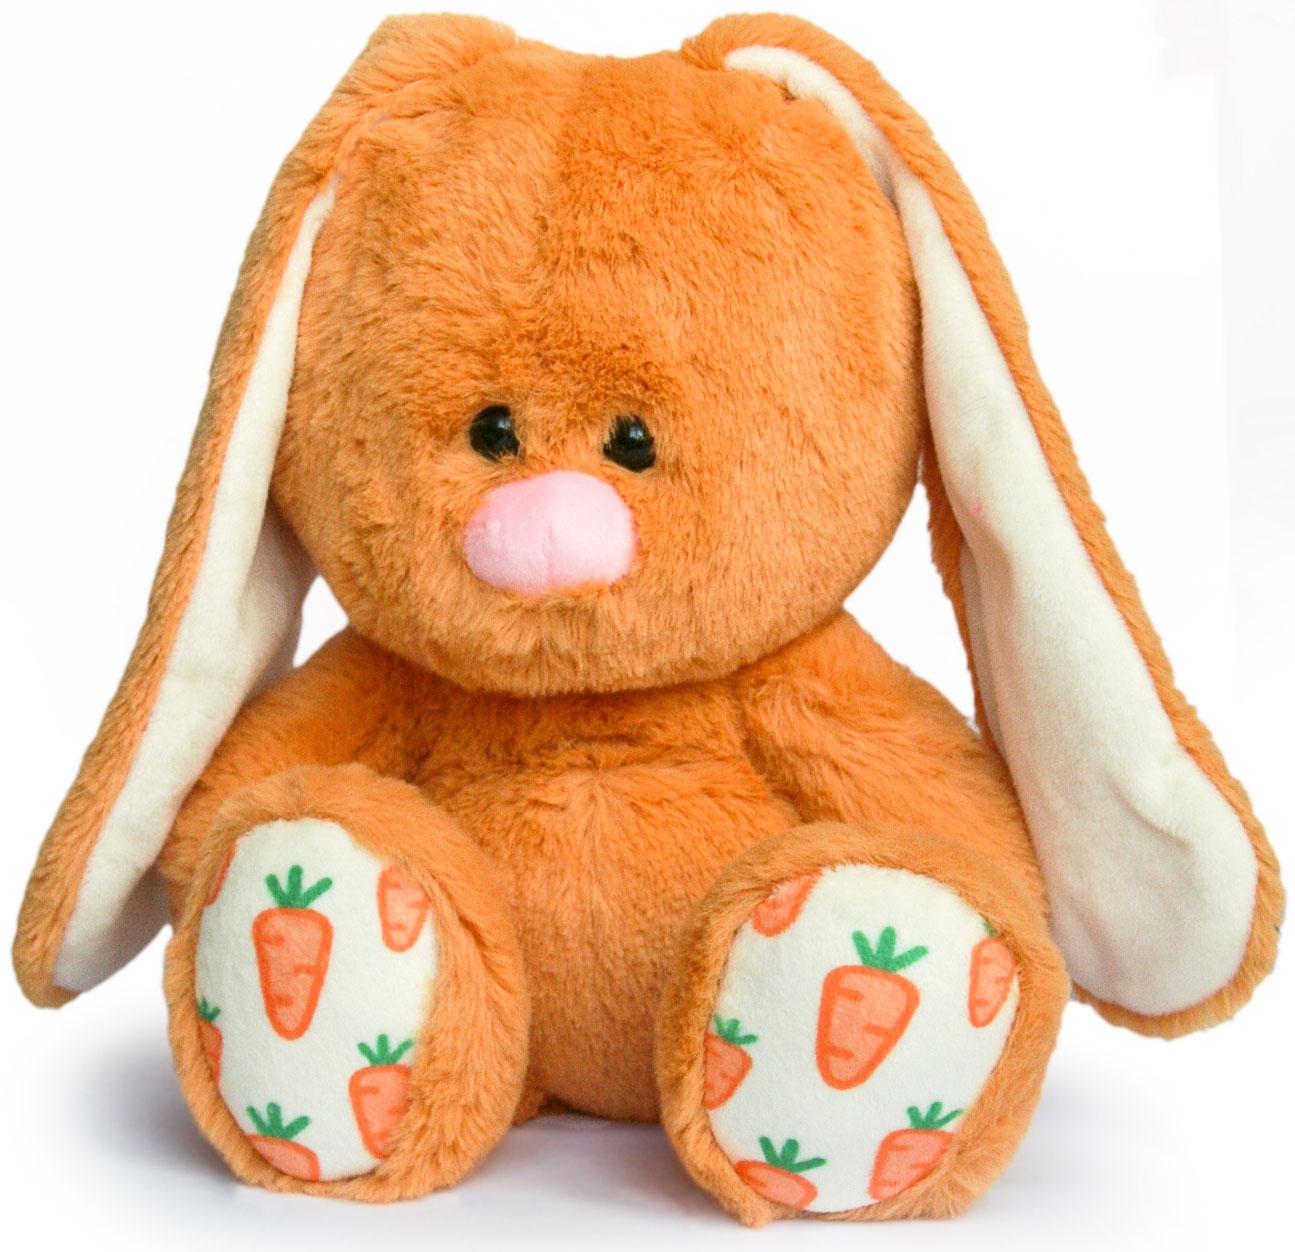 Малышарики Мягкая игрушка Зайчонок Мини-Мы 25 см малышарики мягкая игрушка собачка 25 см